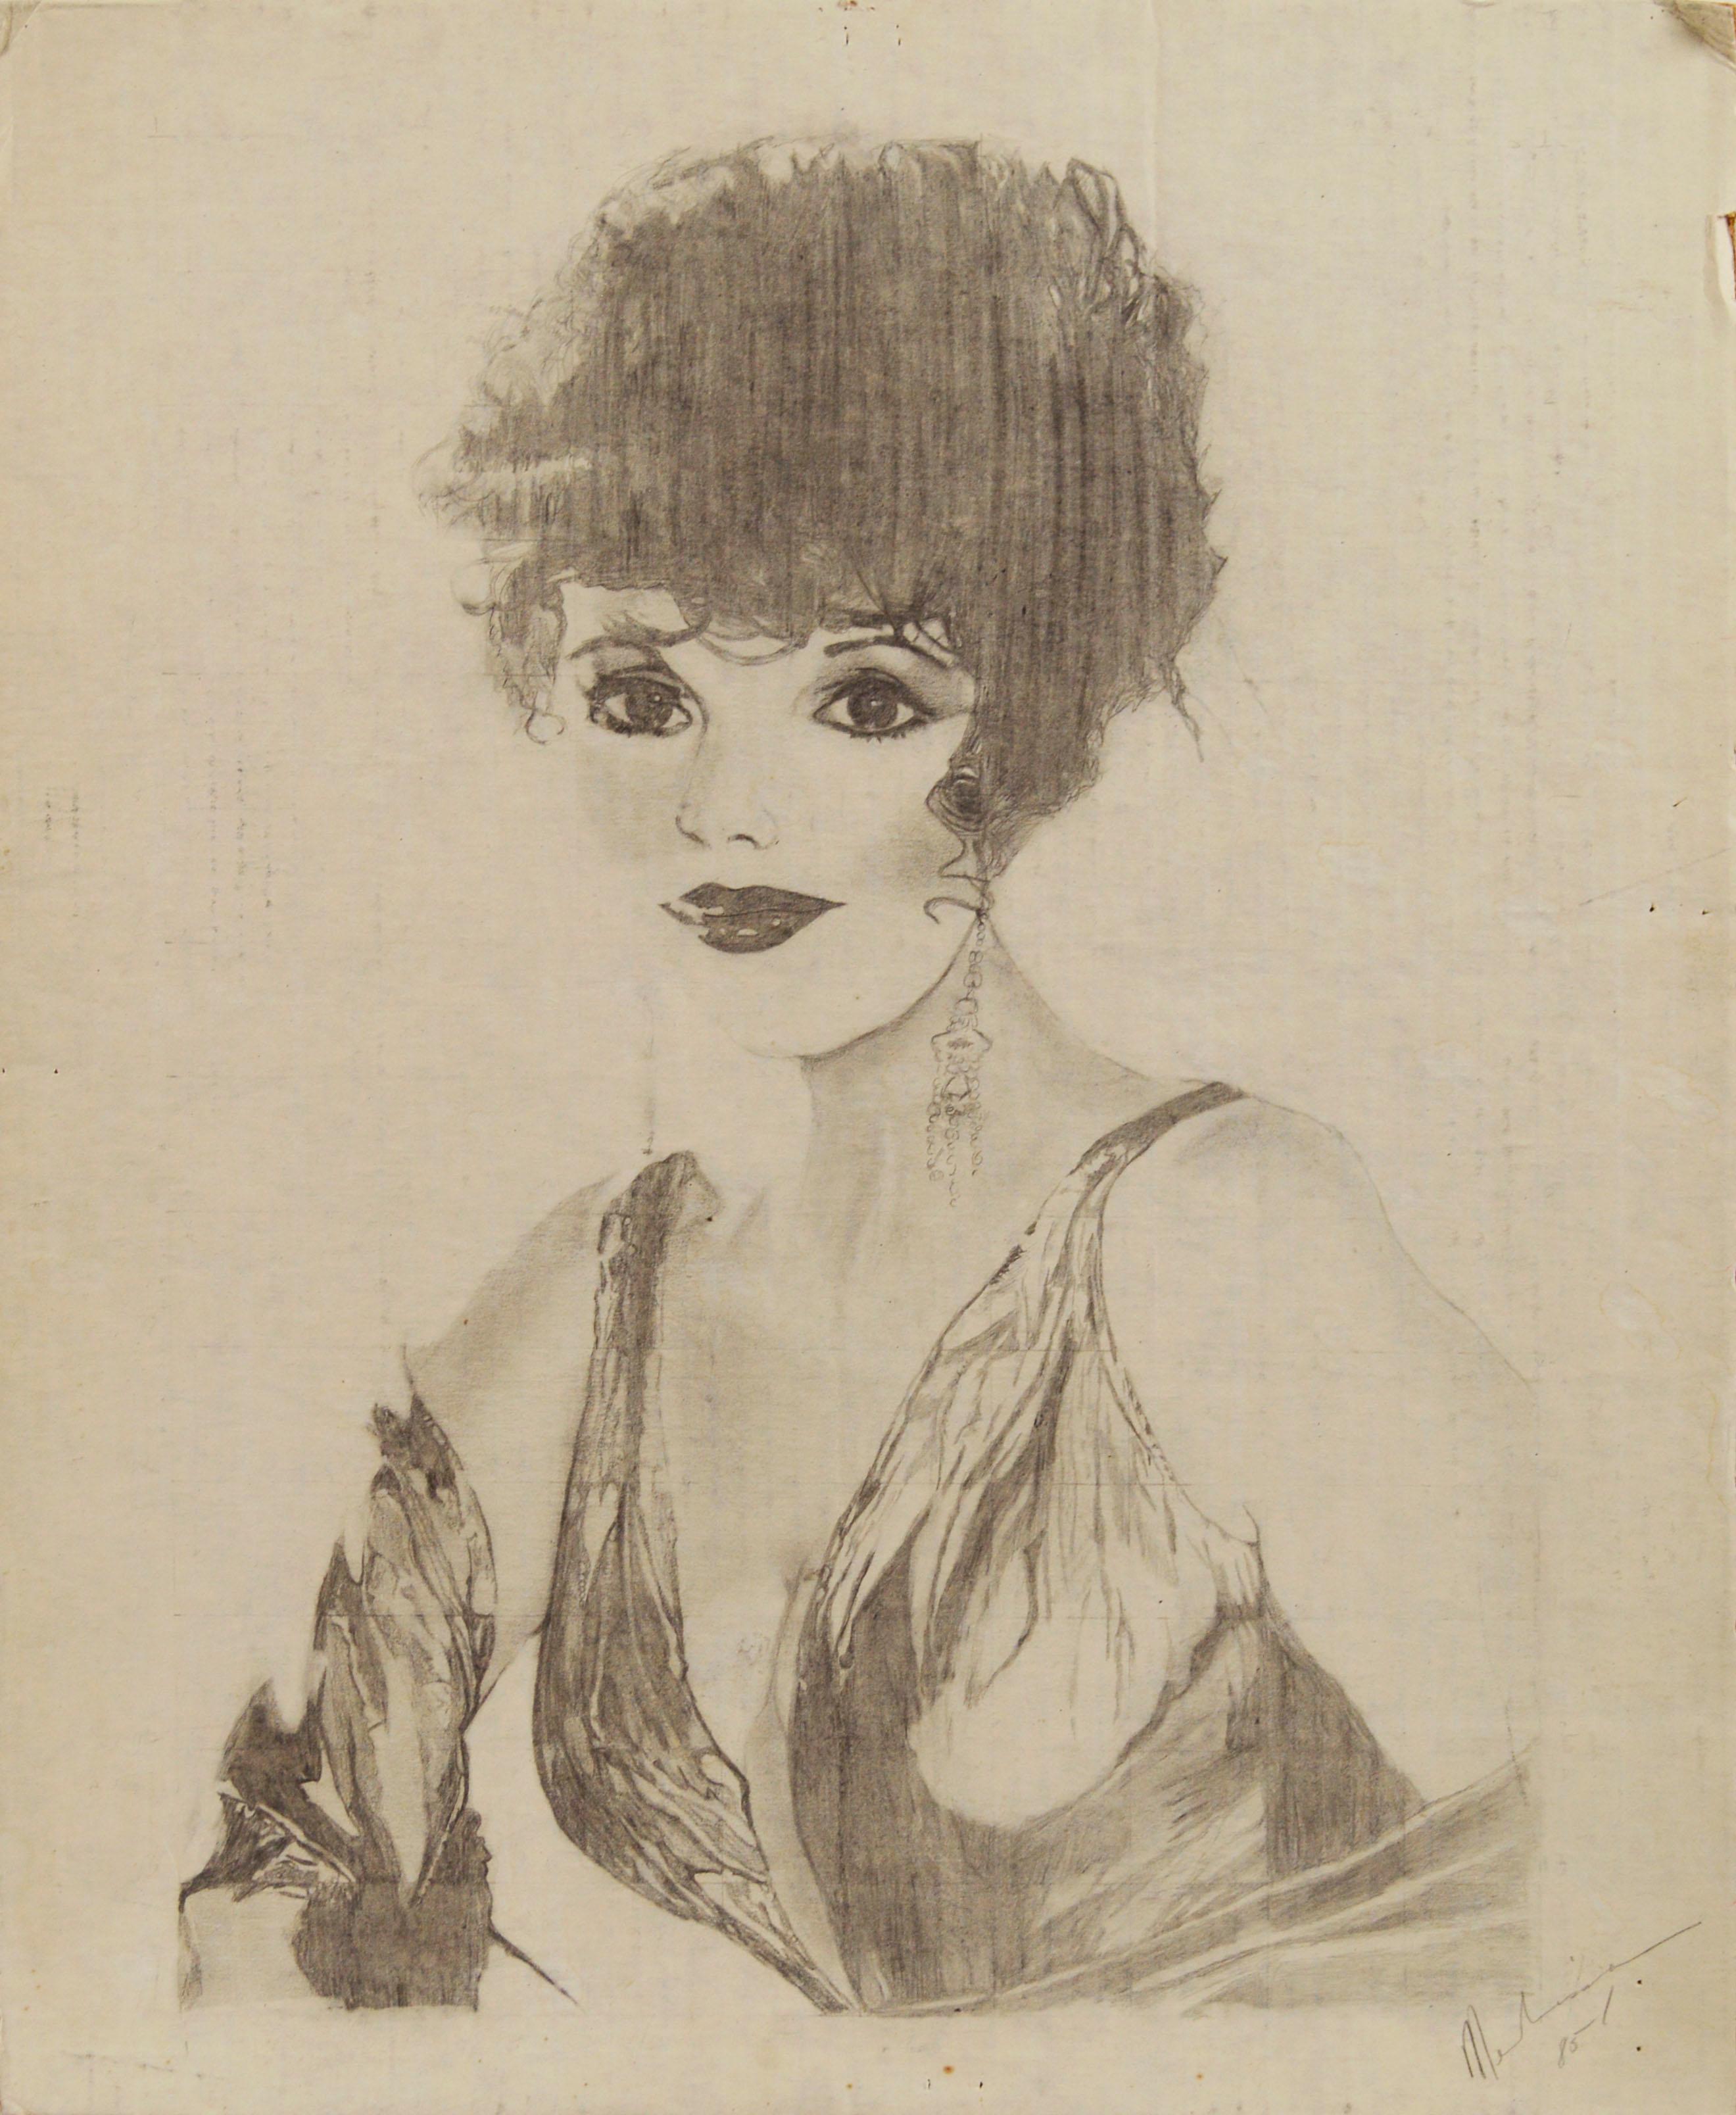 1985 Joan Collins Portrait by Louis Nadalini